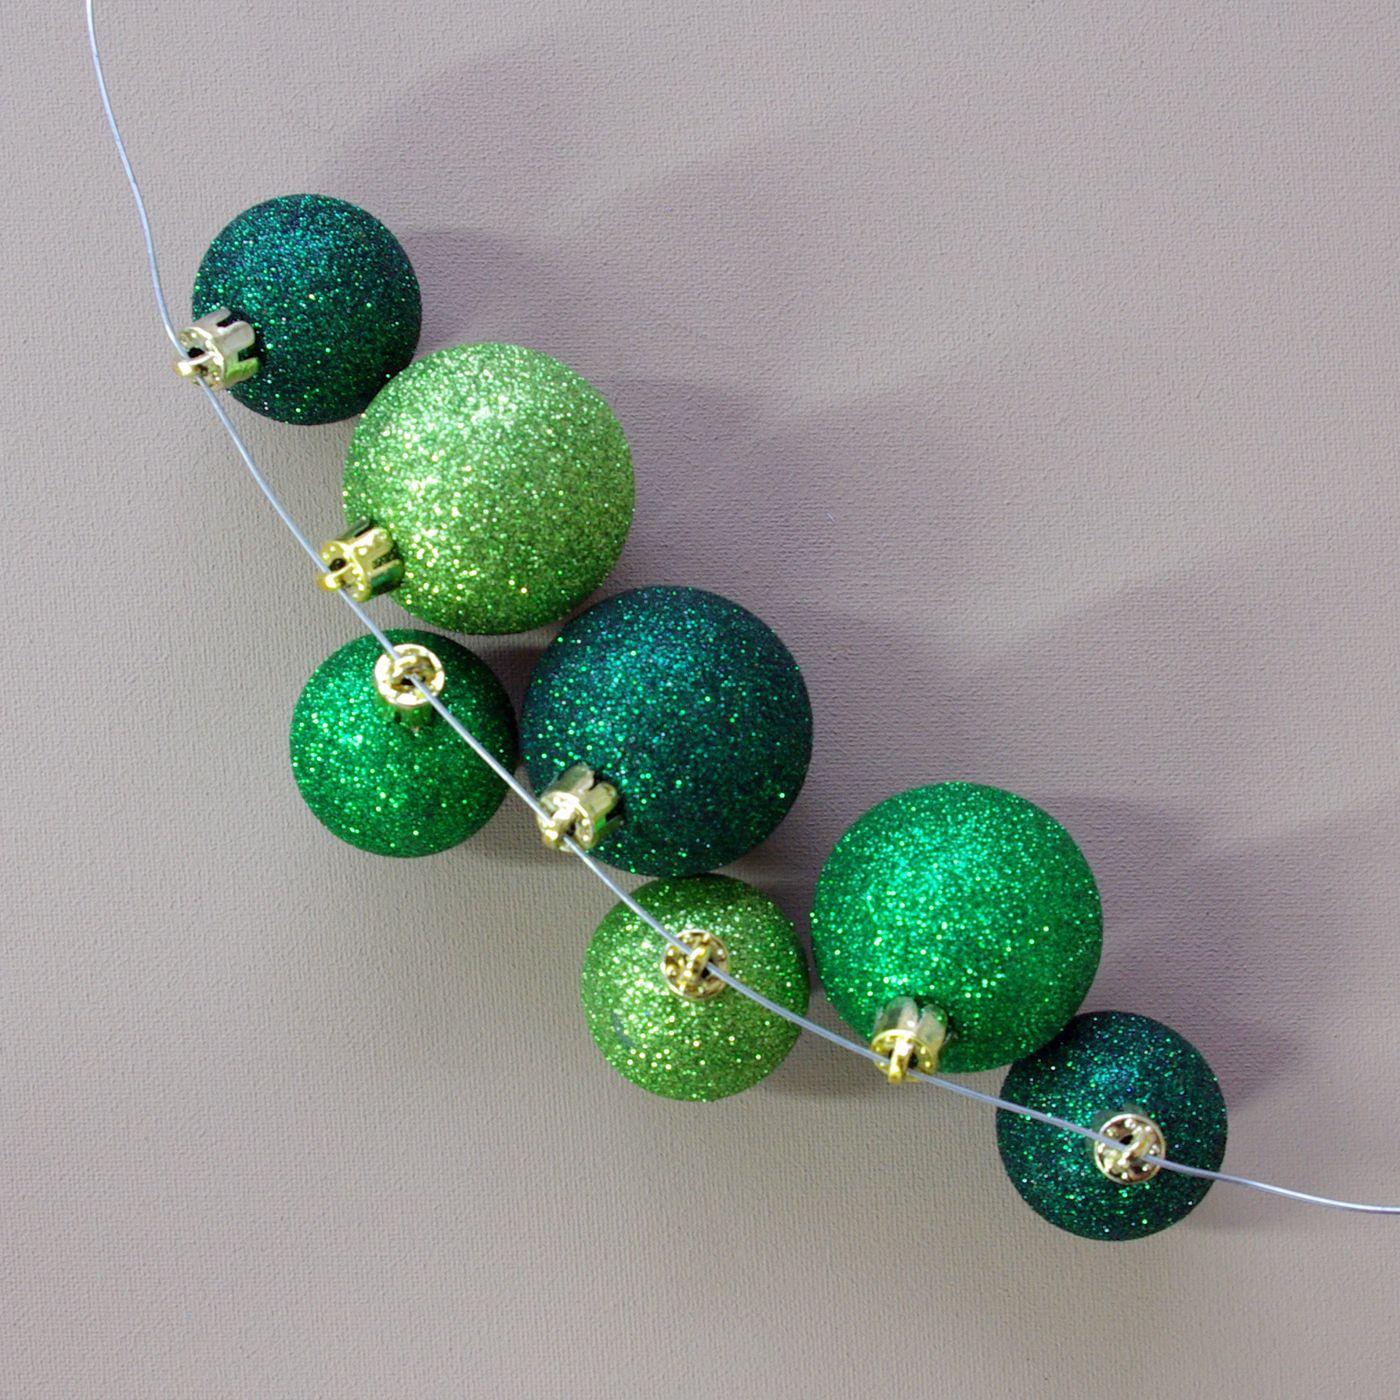 weihnachten weihnachts deko dekoration kugelkranz kranz. Black Bedroom Furniture Sets. Home Design Ideas